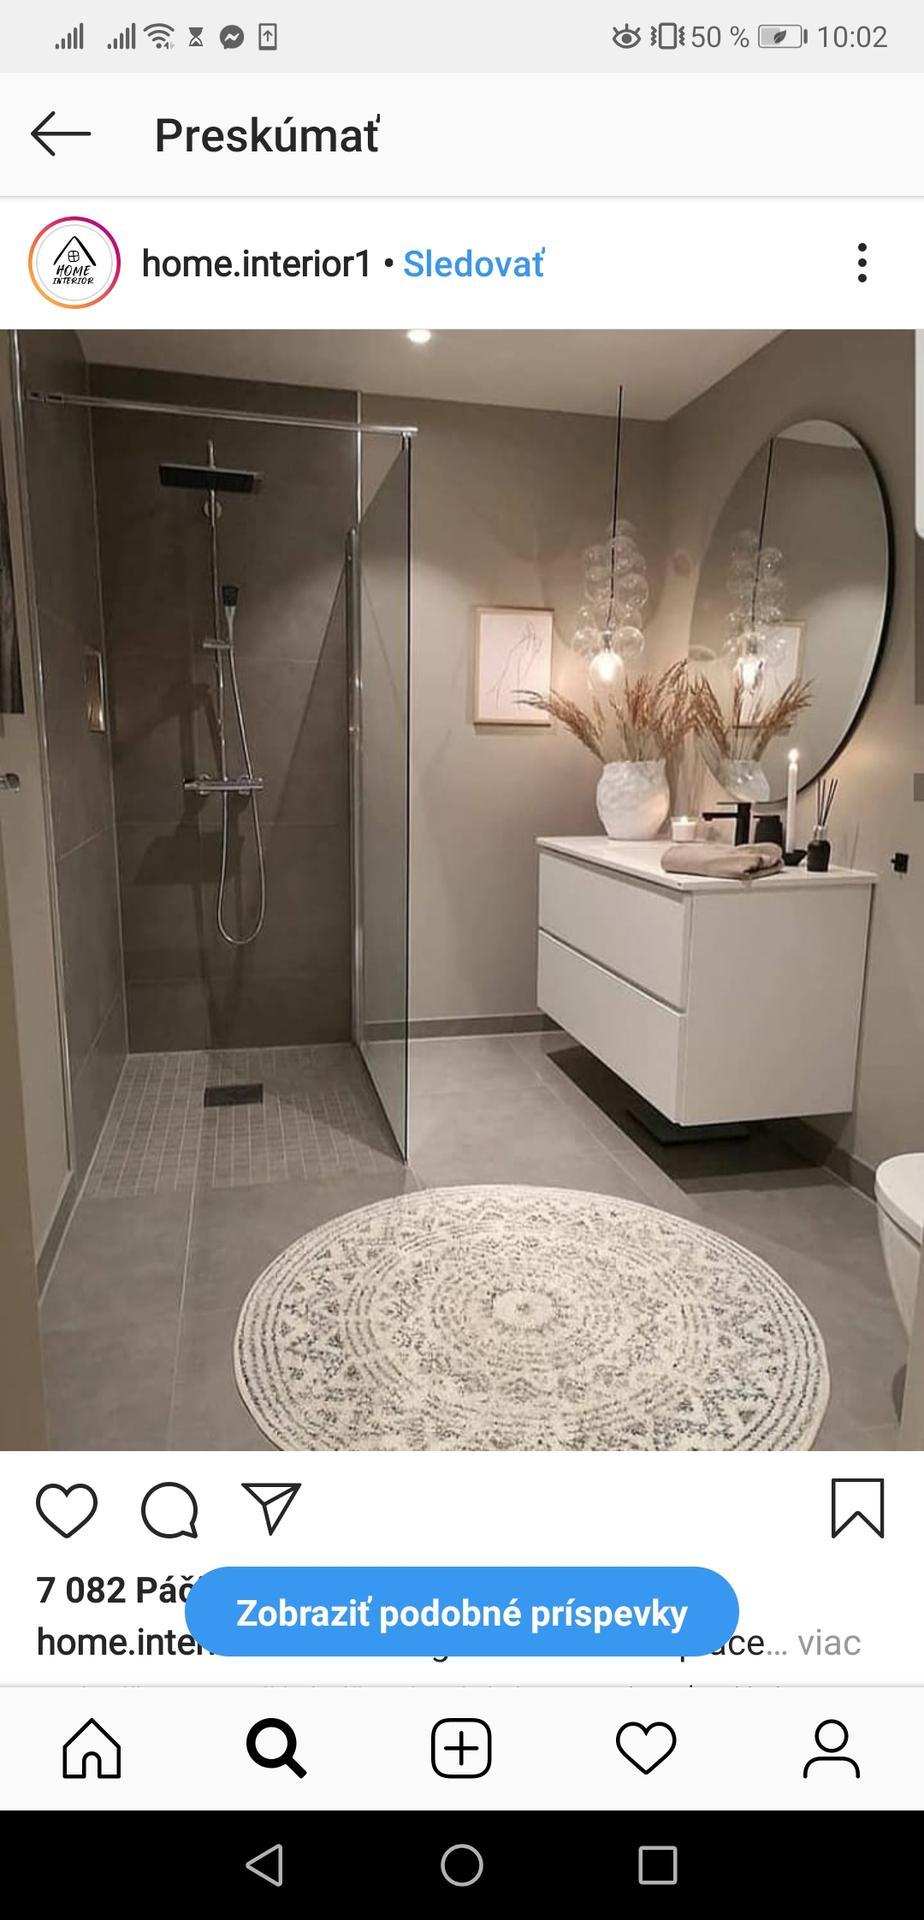 Ahojte chcem presne takúto kúpeľňu. Obklad len na zem a sprcháč. Bude to spodná kúpeľňa kde sa bude využívať len WC, sprcha len pre návštevy. Treba tie steny na ktorých je farba nejako špeciálne ošetriť alebo natrieť alebo to stačí len umývateľný náter? Ďakujem - Obrázok č. 1